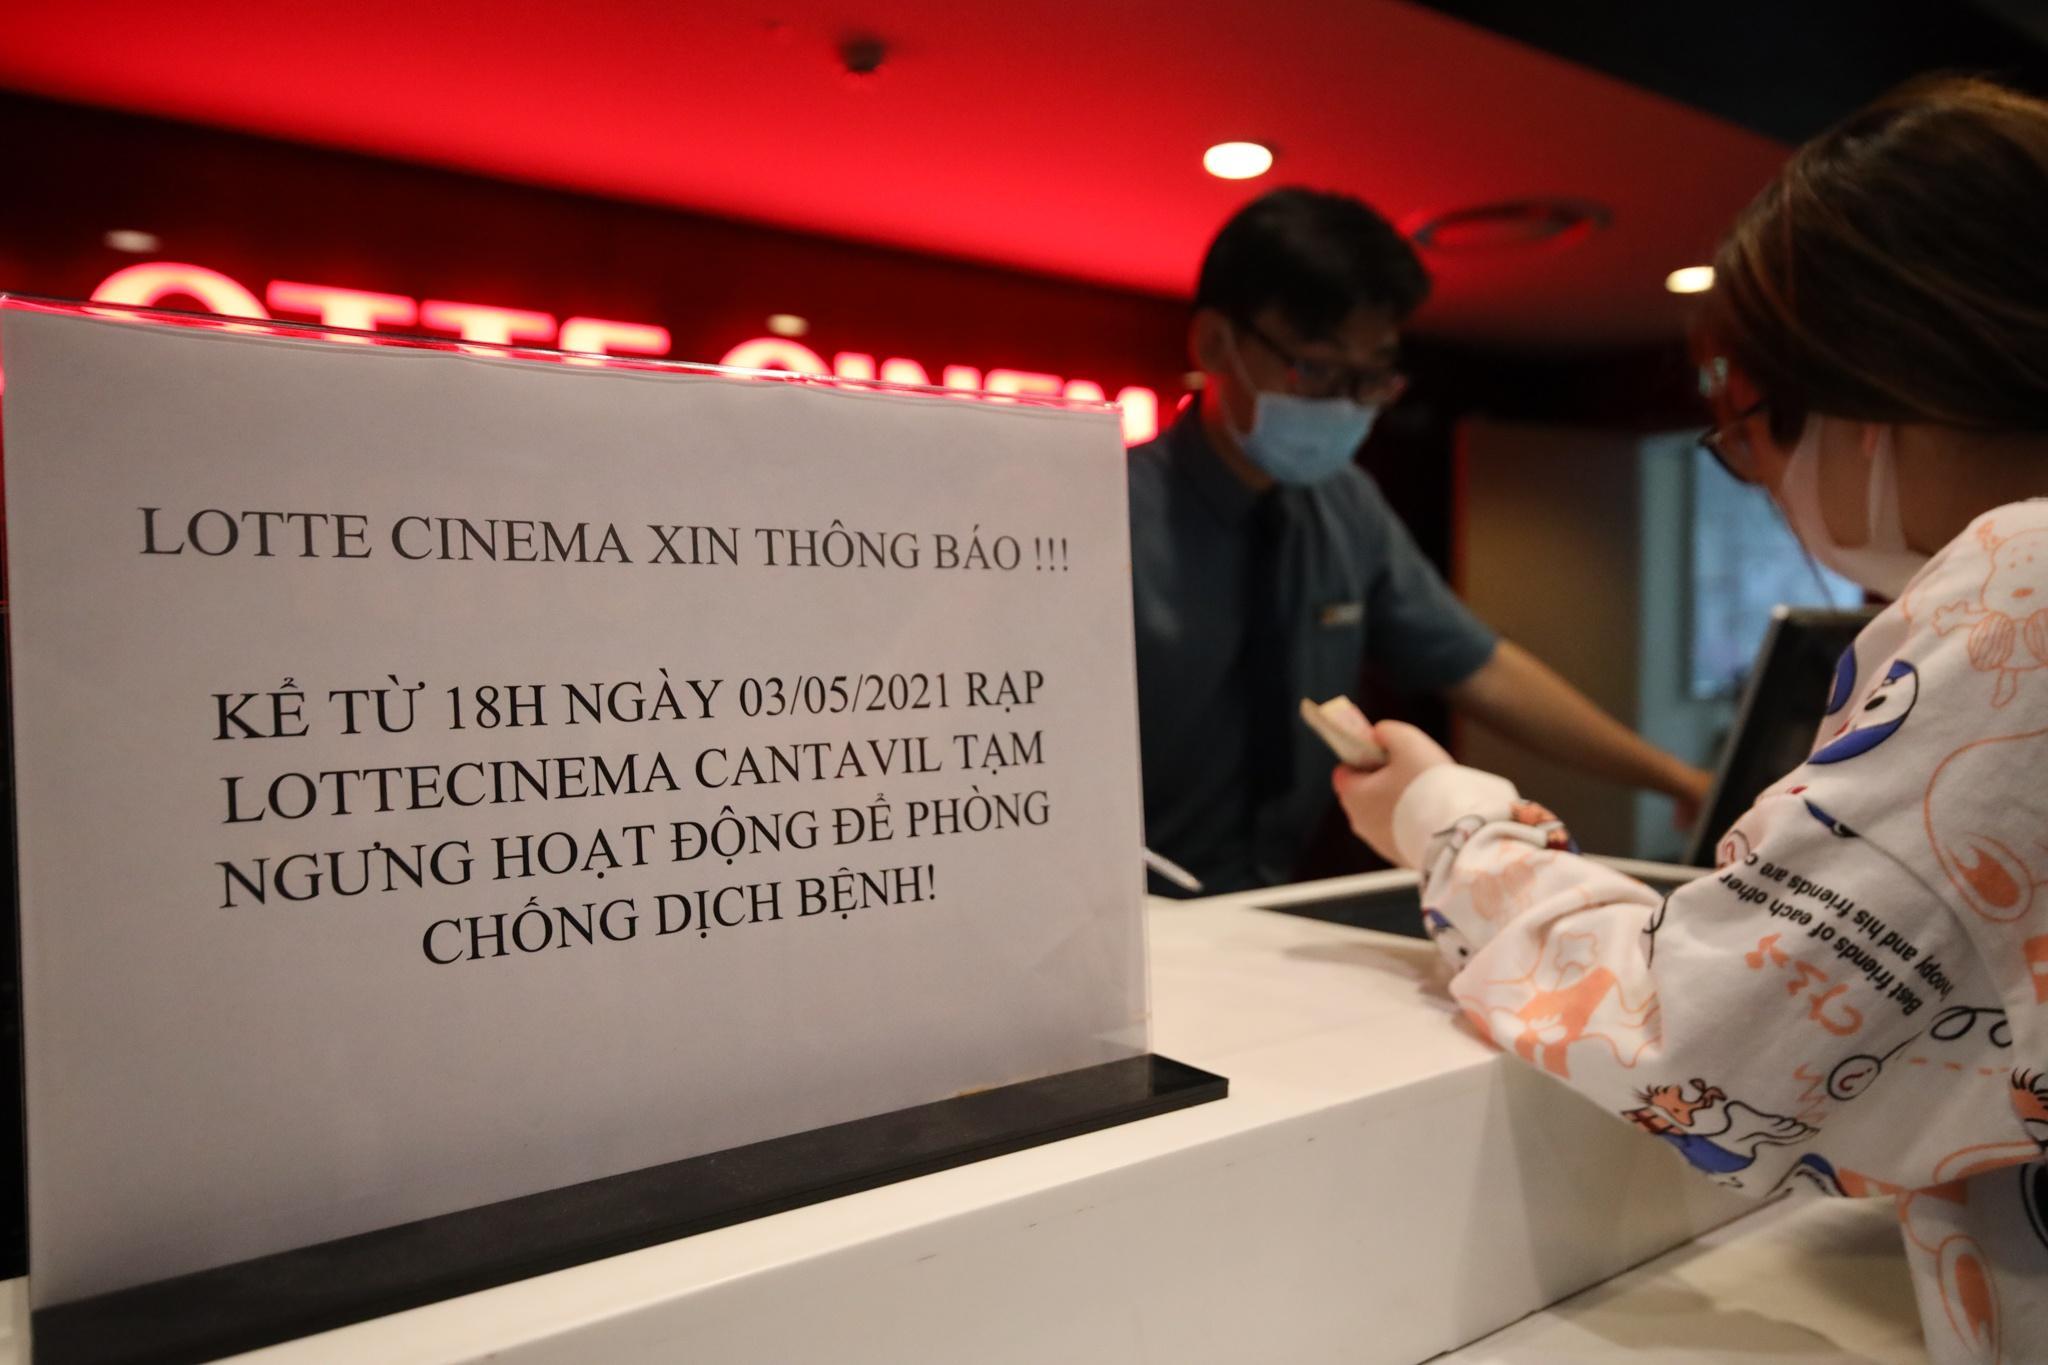 Khách xếp hàng chờ hoàn vé trước giờ rạp phim TP.HCM đóng cửa Ảnh 3